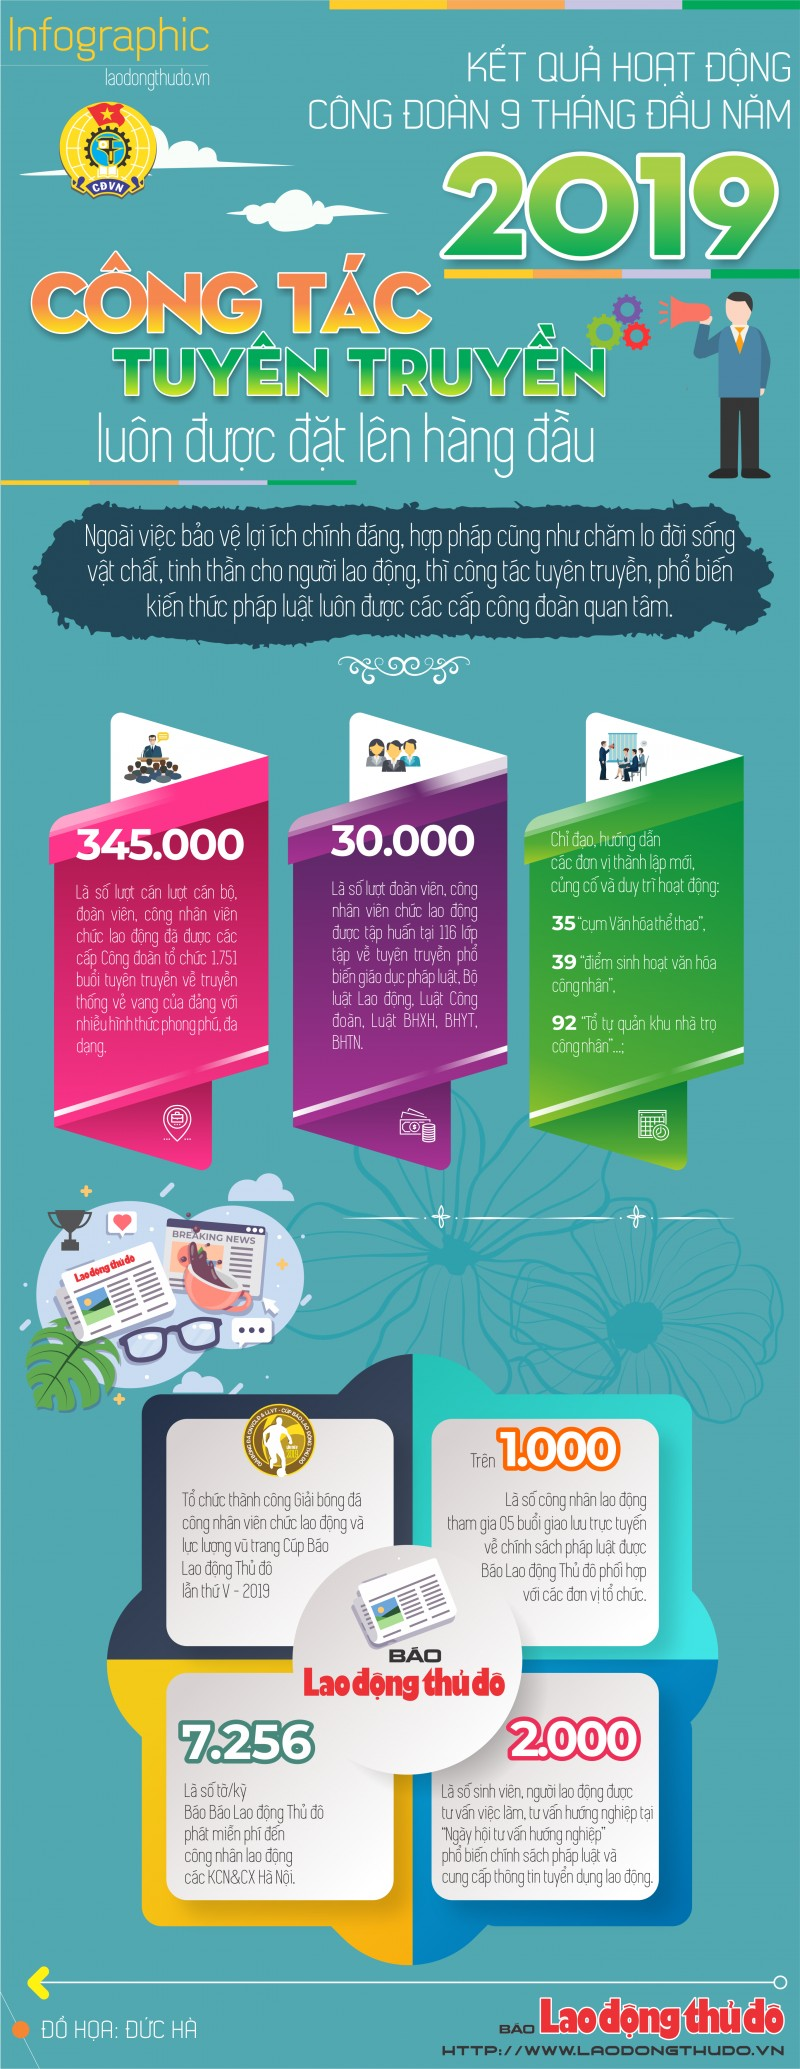 infographic cong tac tuyen truyen luon duoc dat len hang dau